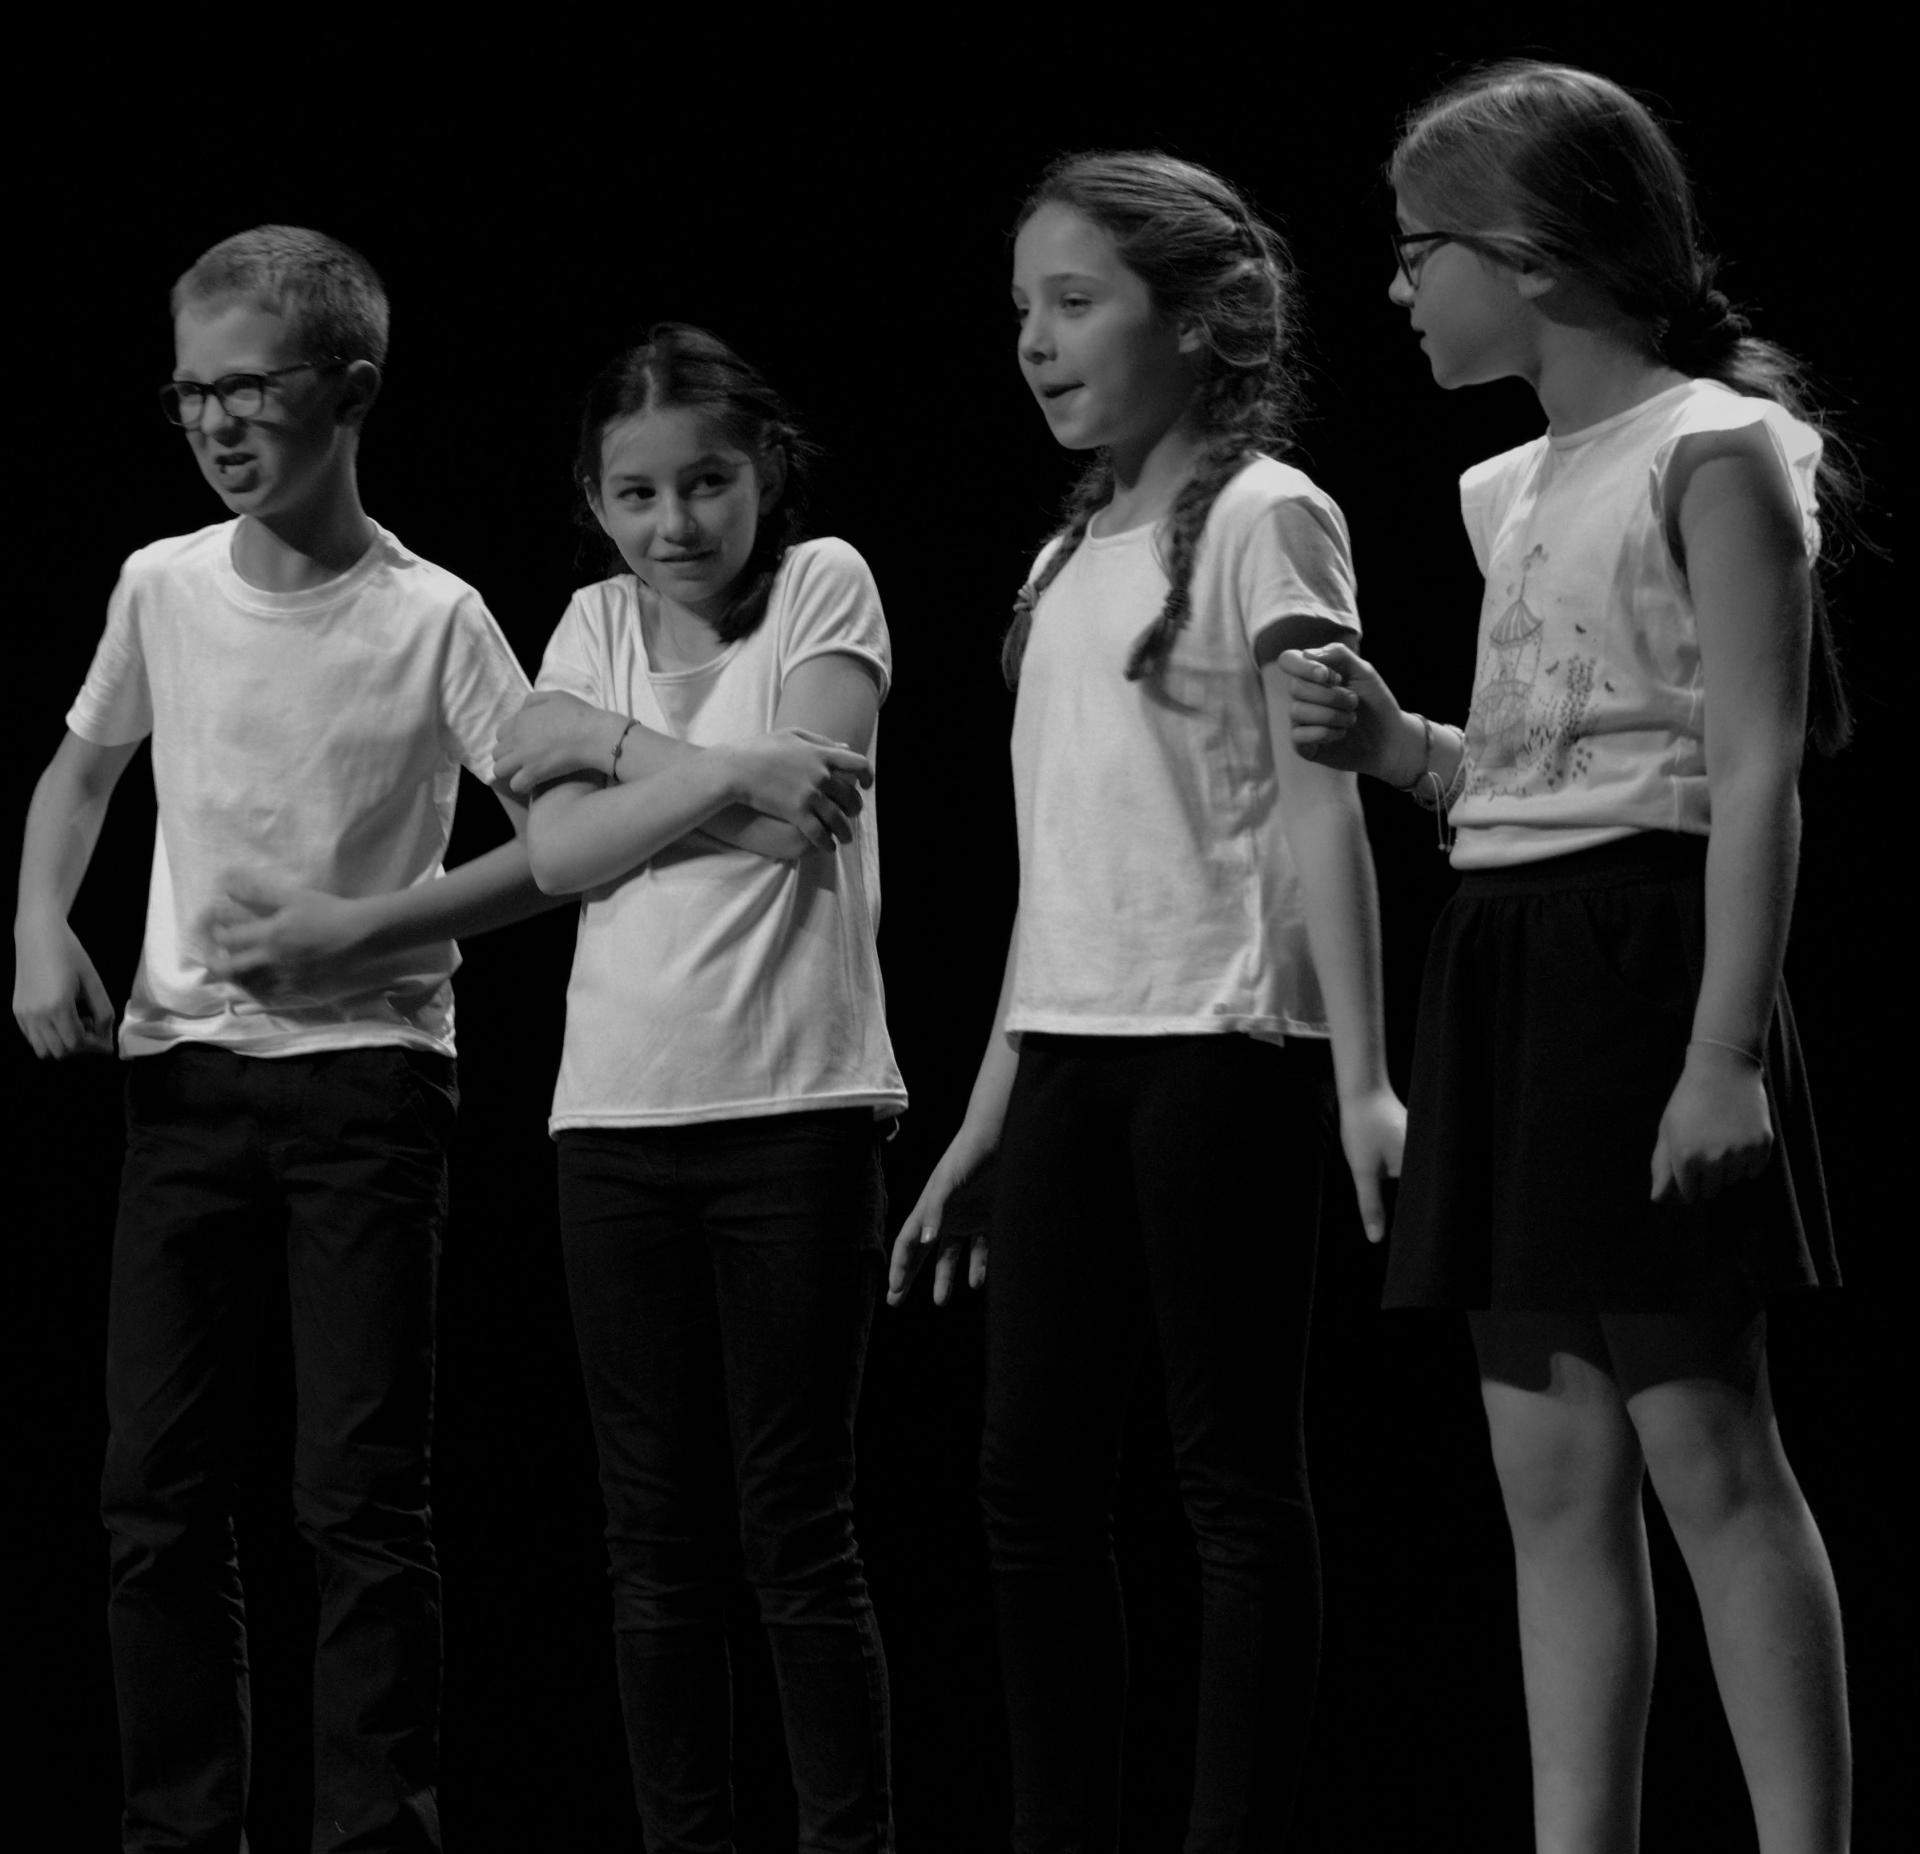 theatre-meline-juin-2016-27912074252-o